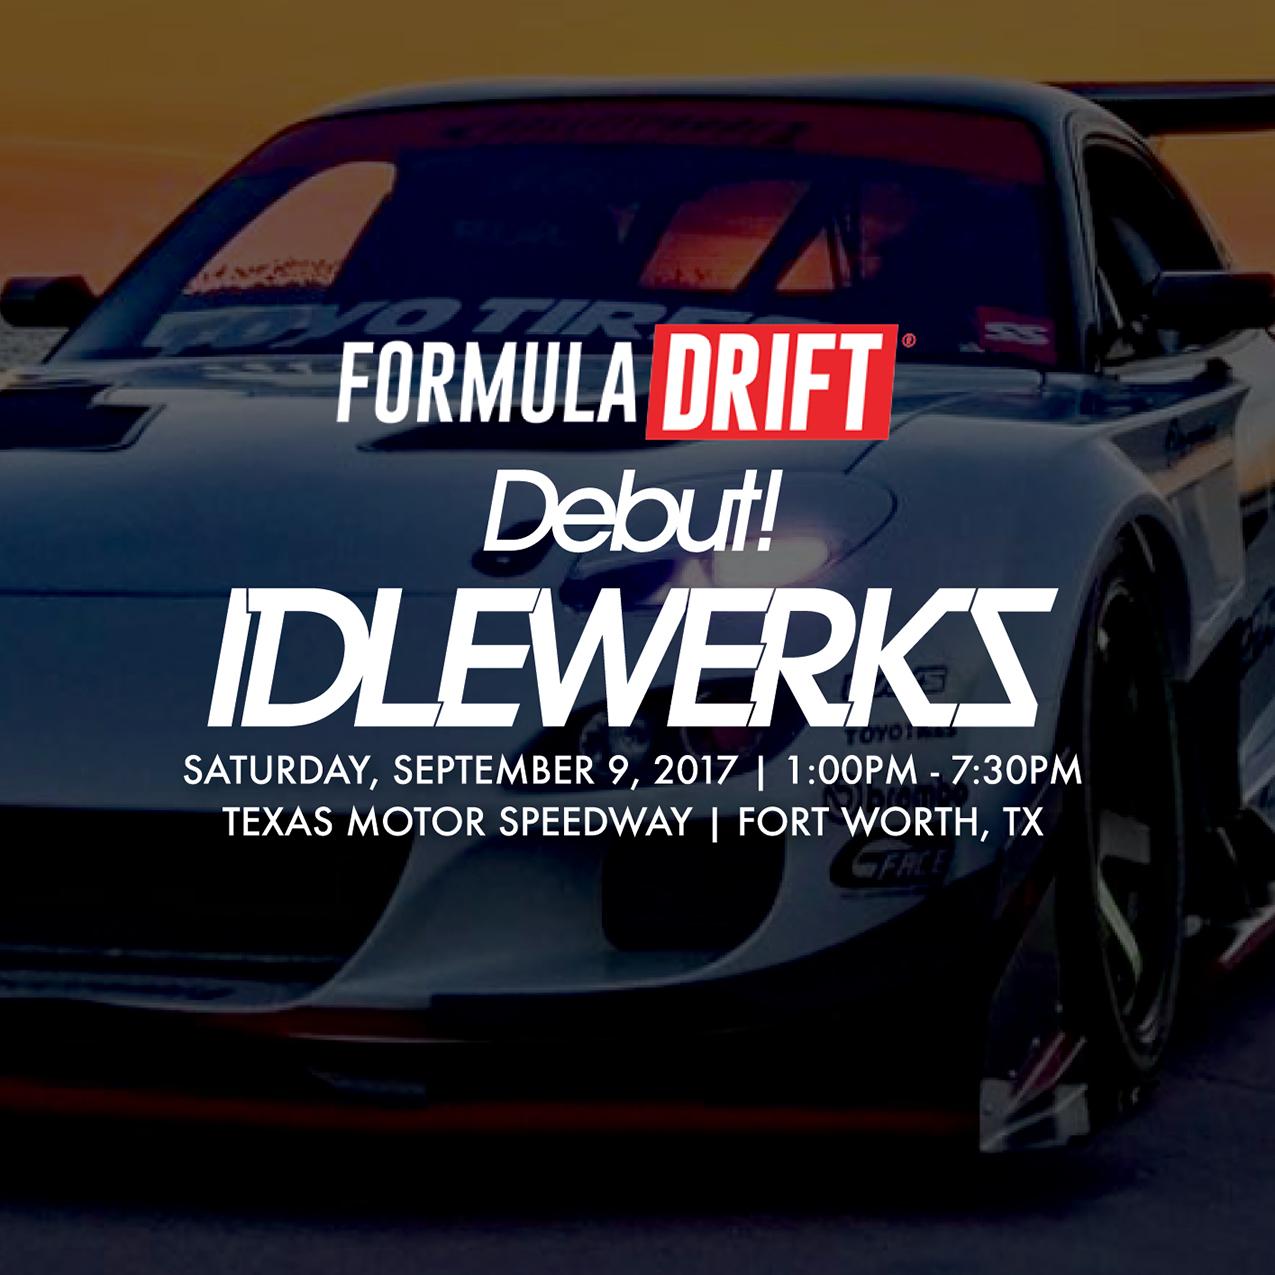 Formula drift x idlewerks car show at texas motor speedway for Texas motor speedway 2015 schedule